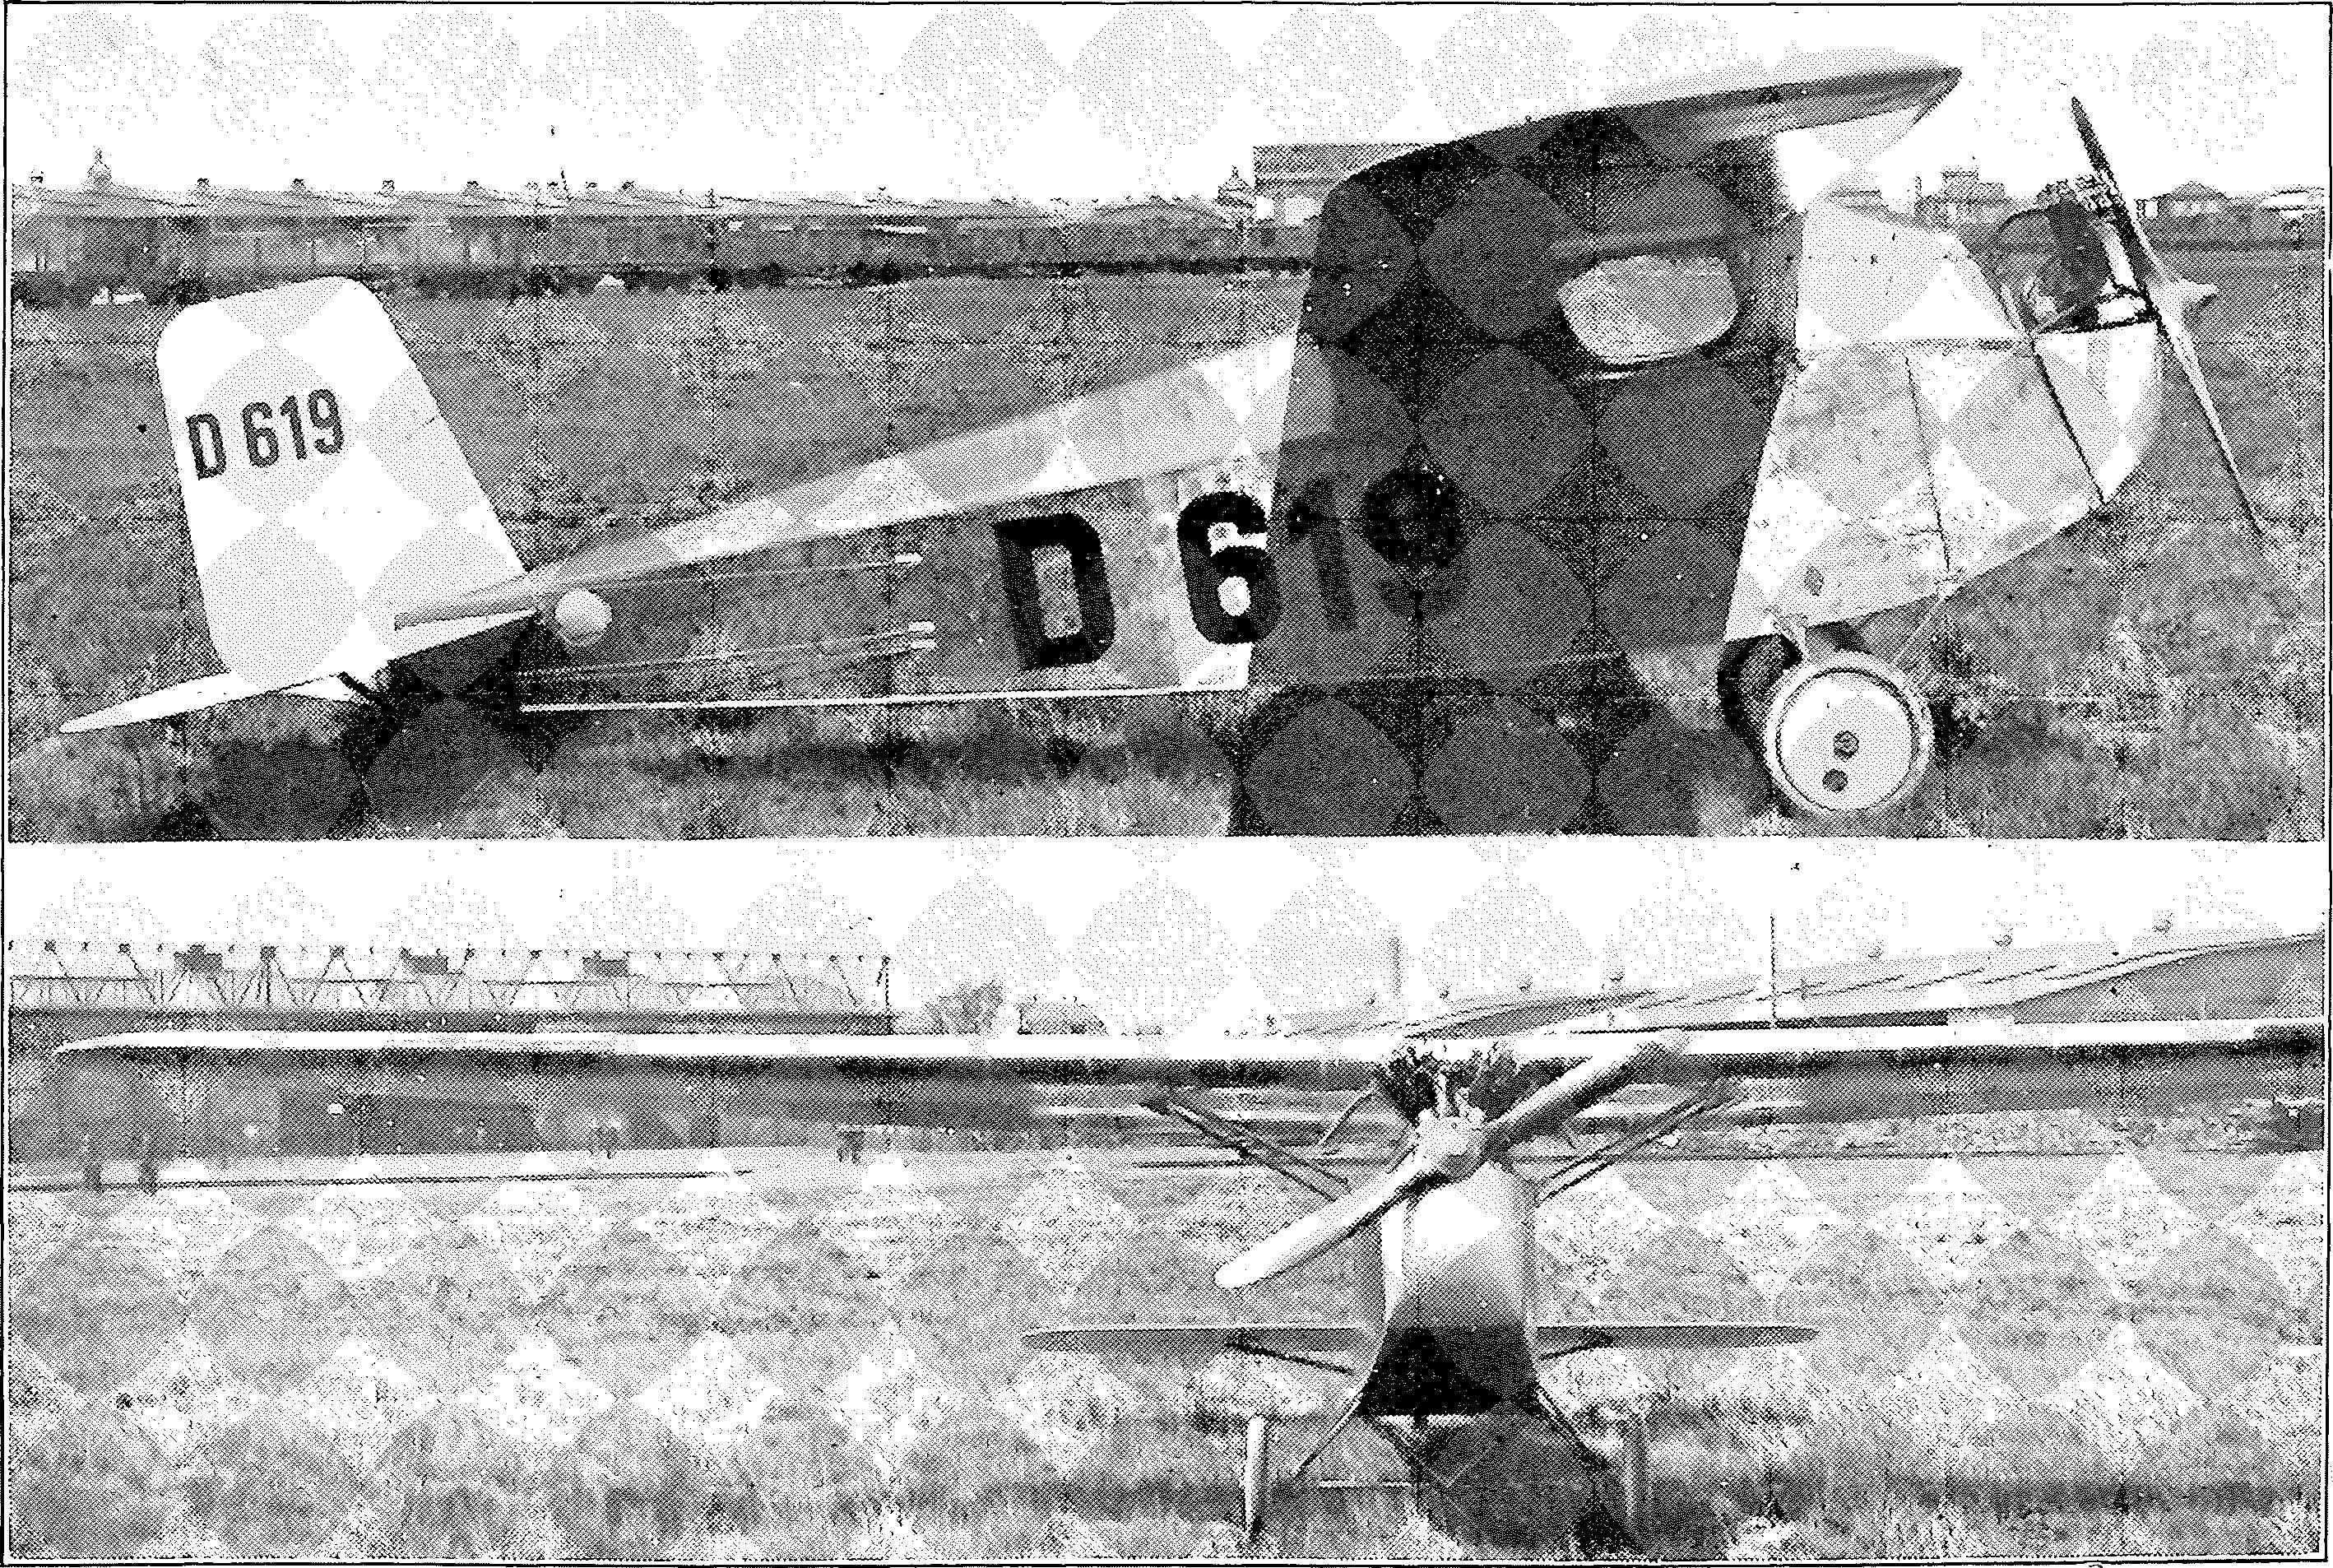 Segelflug, Motorflug und Modellflug sowie Luftfahrt und Luftverkehr im Deutschen Reich (Weimarer Republik) im Jahre 1925